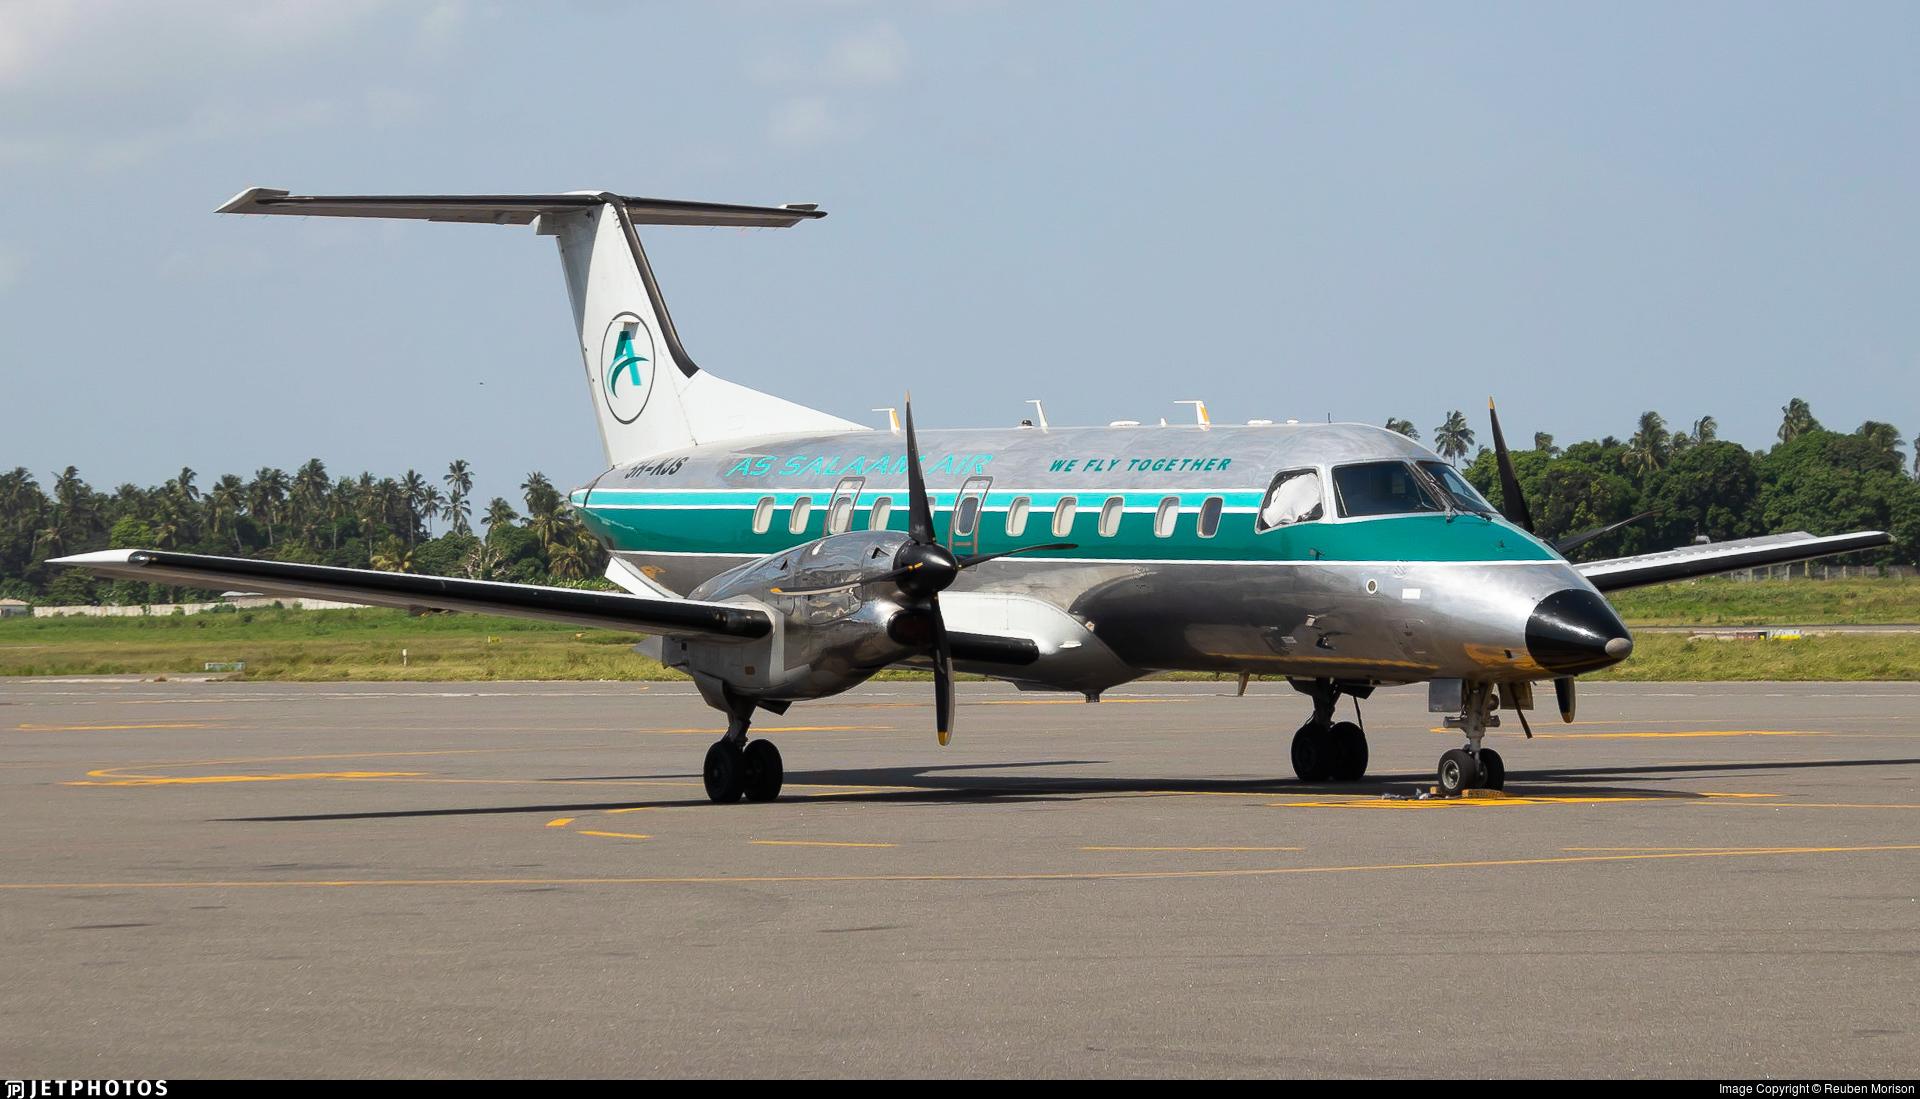 5H-KJS - Embraer EMB-120 Brasília - As Salaam Air